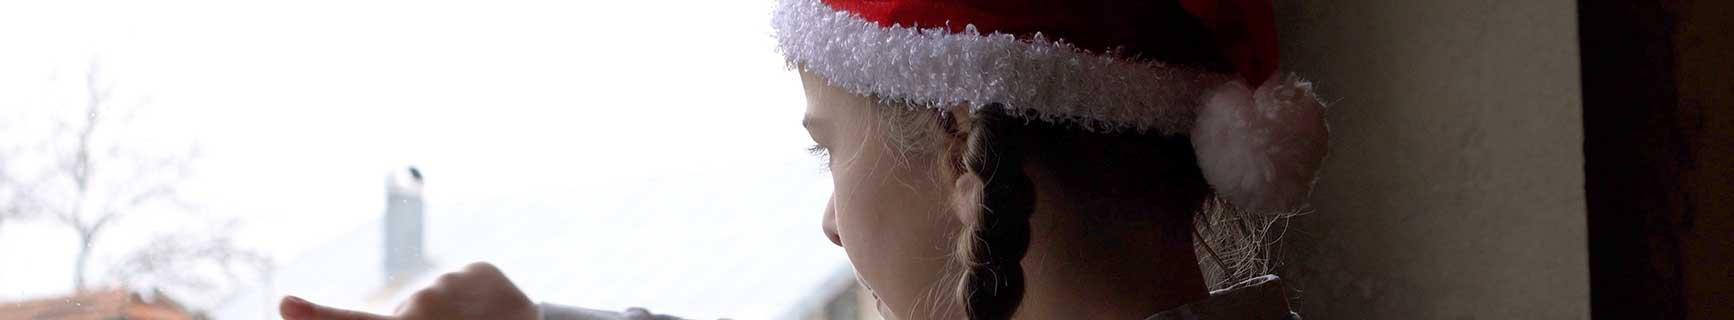 Banner Hörer helfen Kindern Spendenmarathon 2020 Weihnachtsgeschenke für die Frauenhäuser